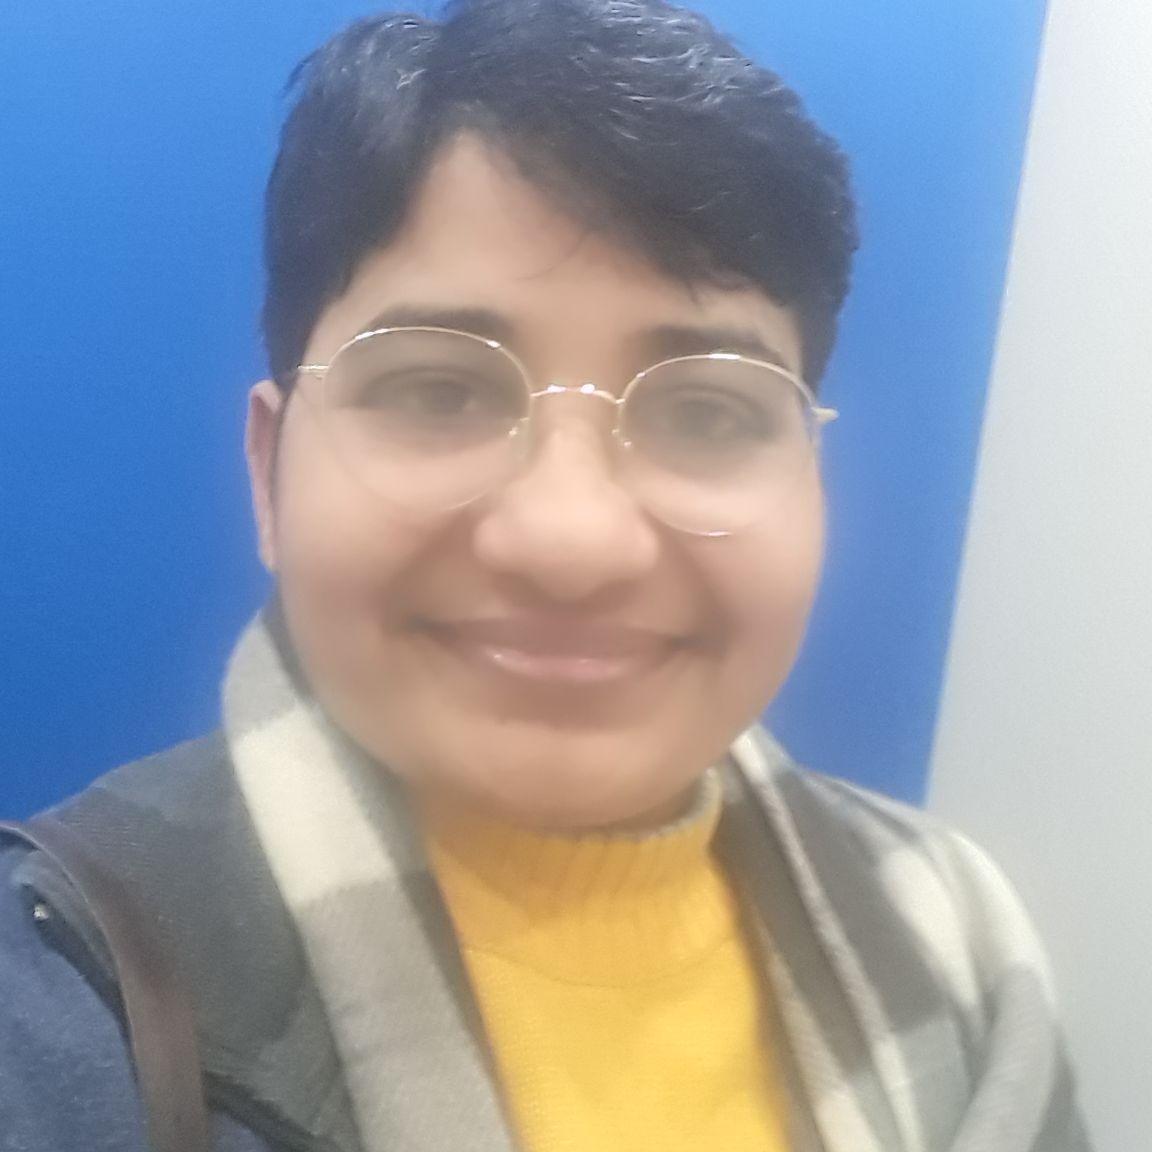 Yogender Dhillon